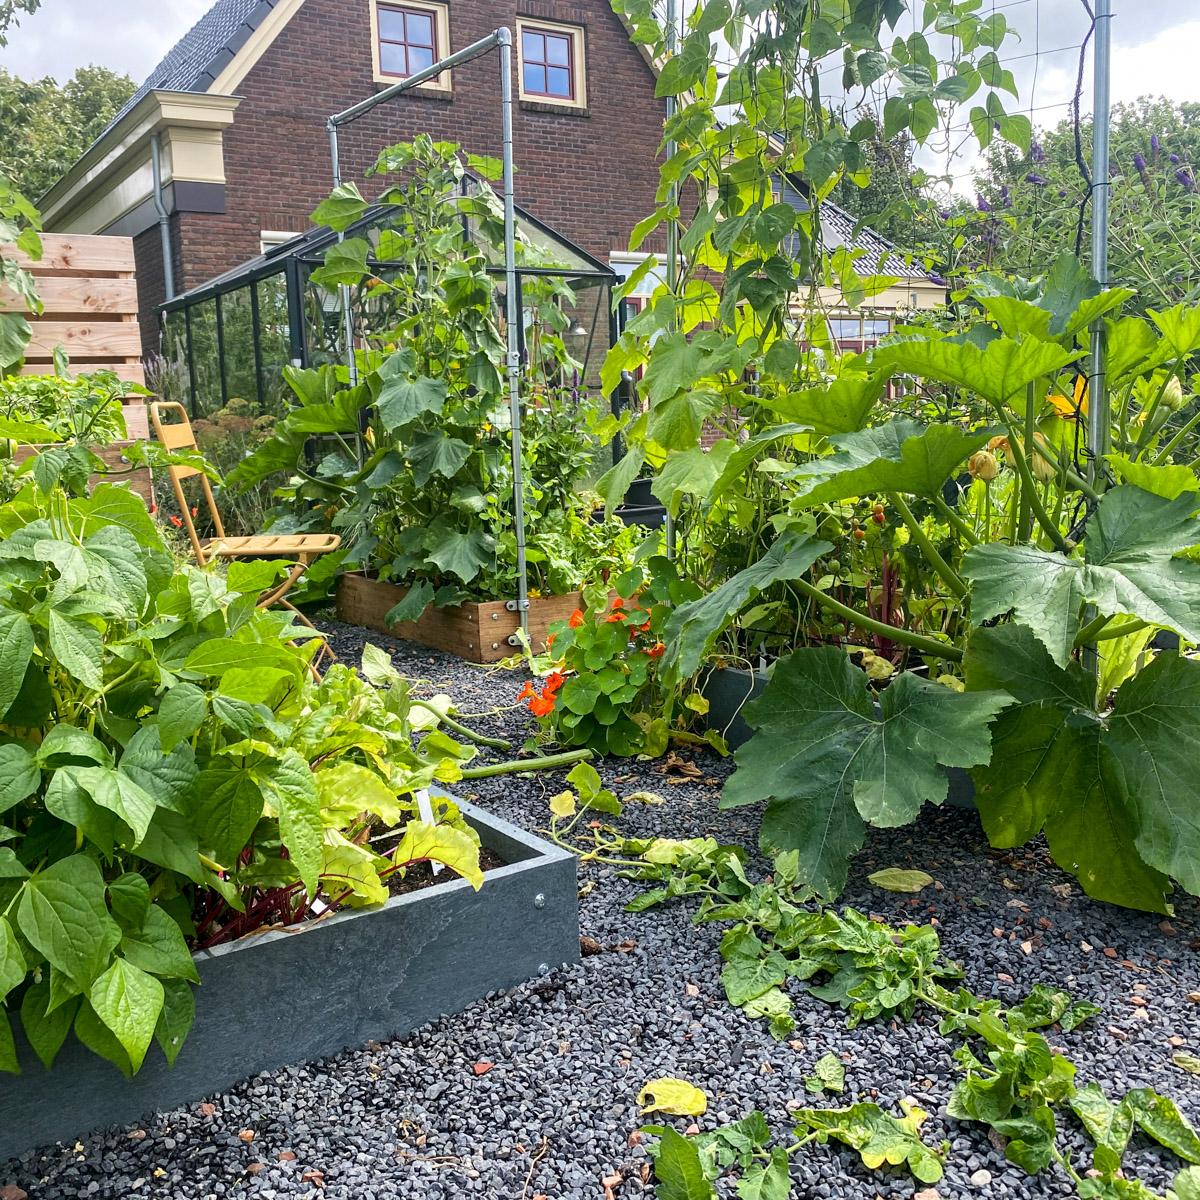 blog-early-august-in-the-vegetable-garden3.jpg